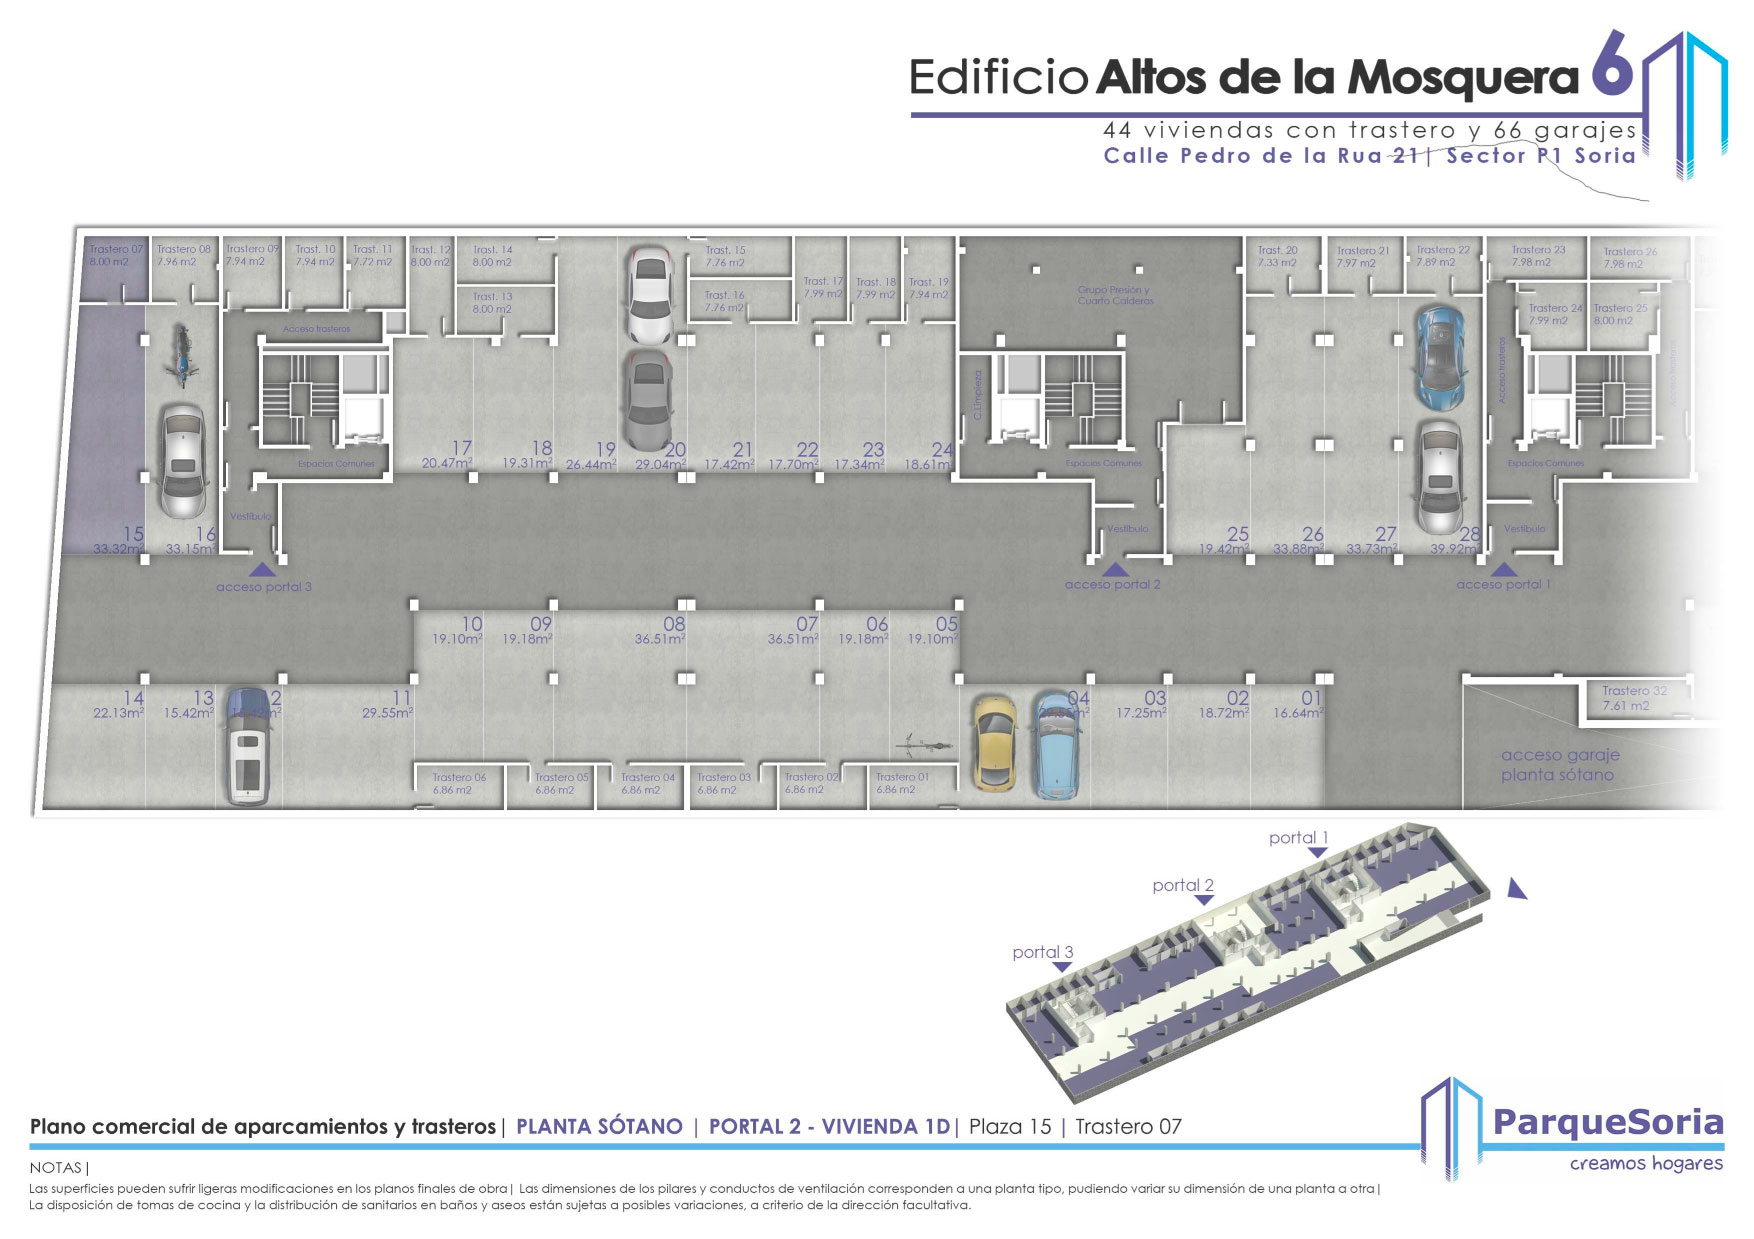 Parquesoria-Altos-de-la-mosquera-6-1D-2